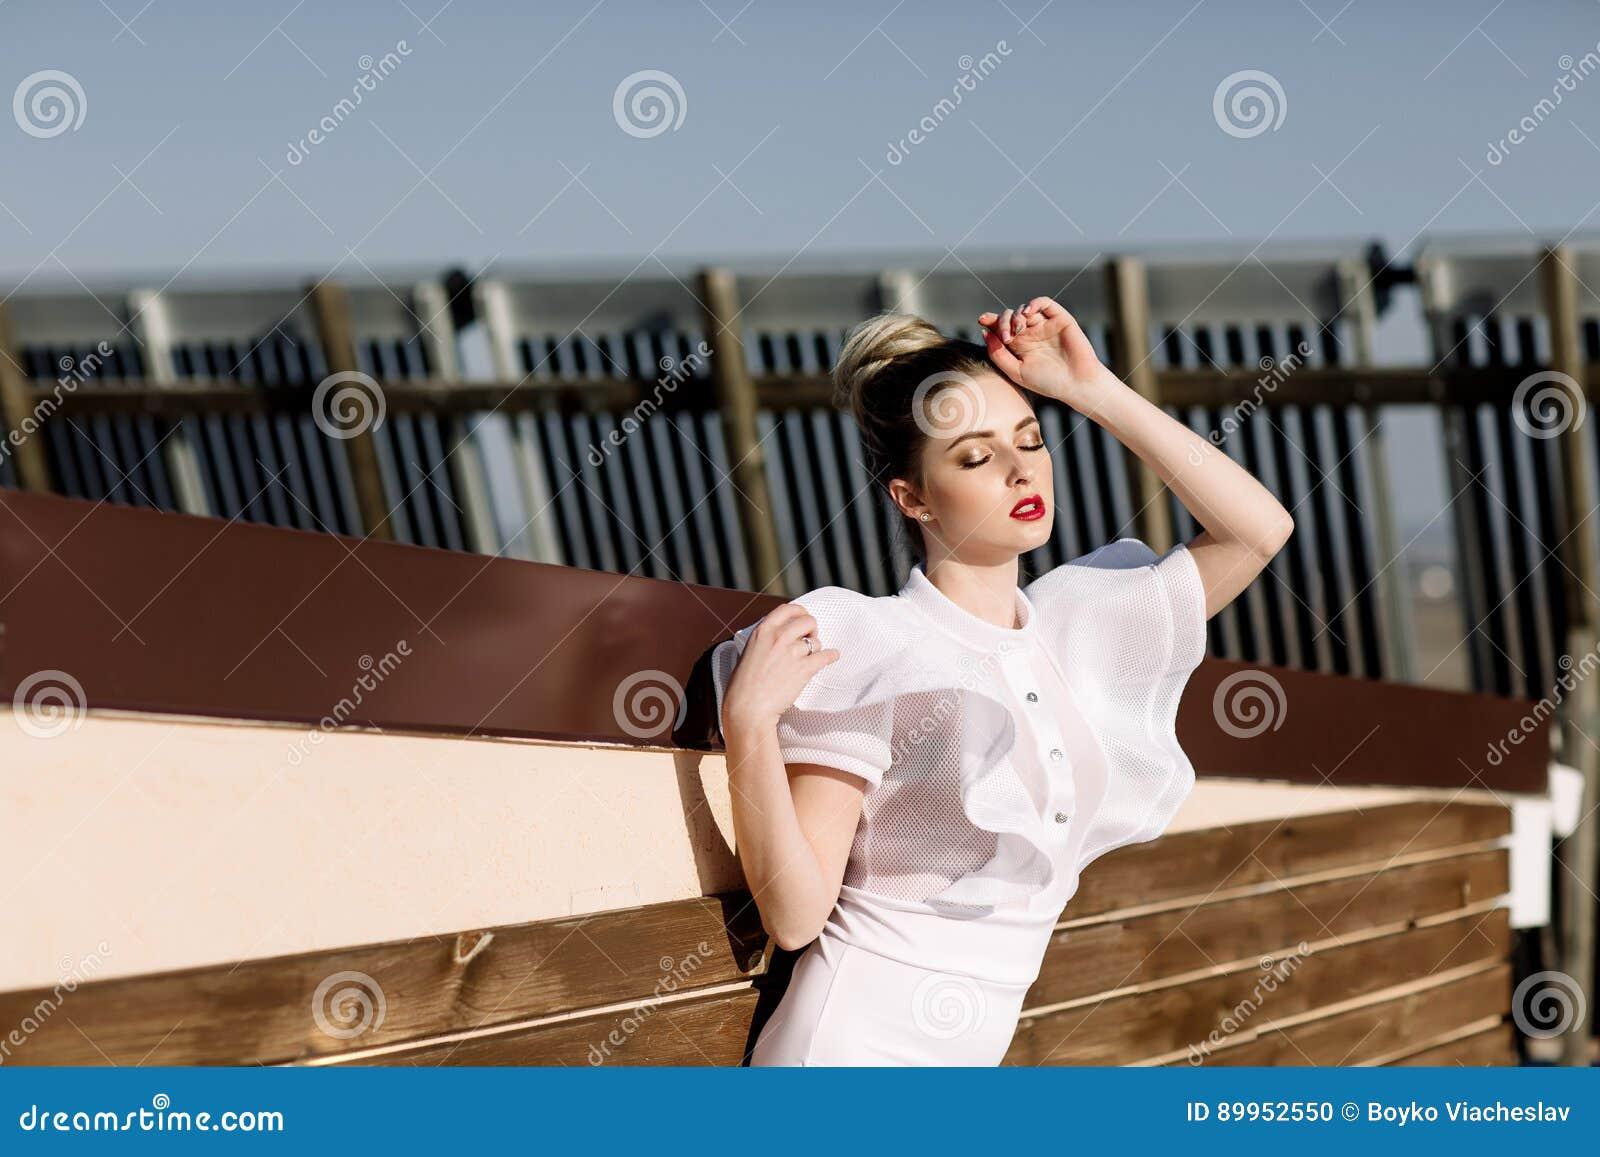 Modelo rubio atractivo elegante imponente fenomenal hermoso con el traje erótico perfecto del cuerpo